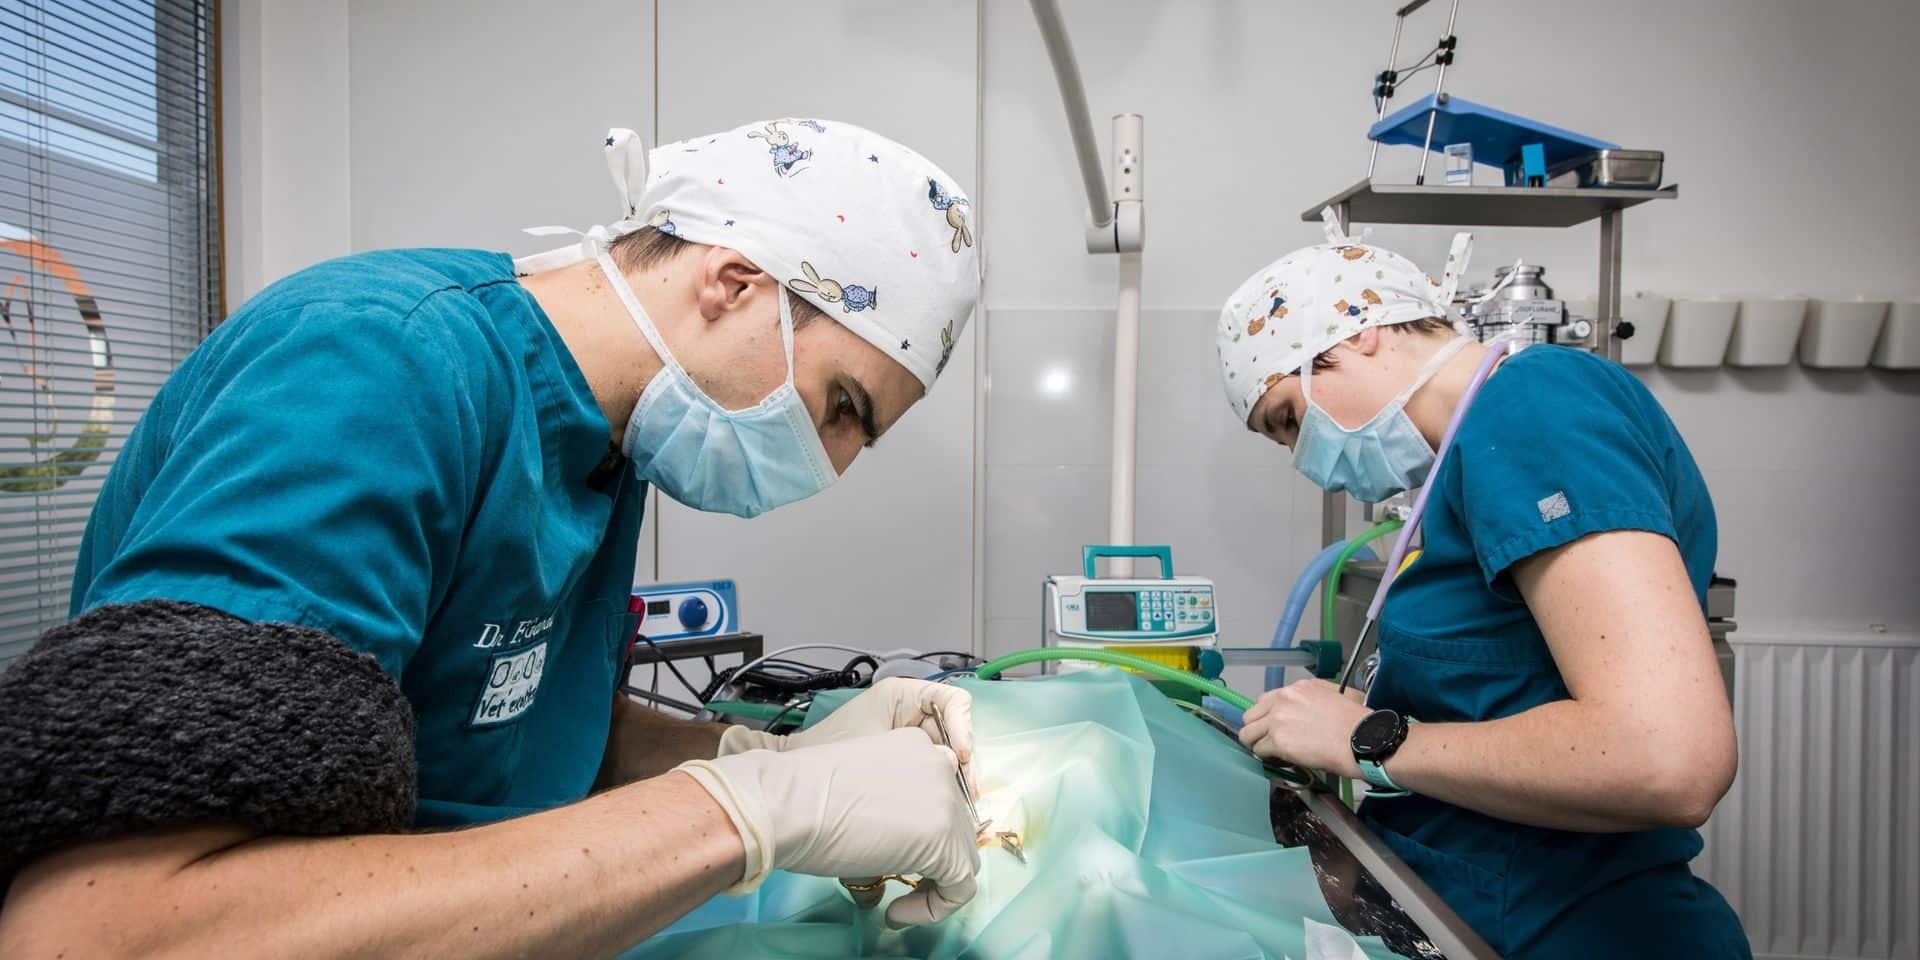 """Des universitaires plaident pour une enquête sur les risques des contacts avec les animaux: """"Le virus nous a douloureusement rappelé que nos interactions avec eux peuvent être dangereuses"""""""